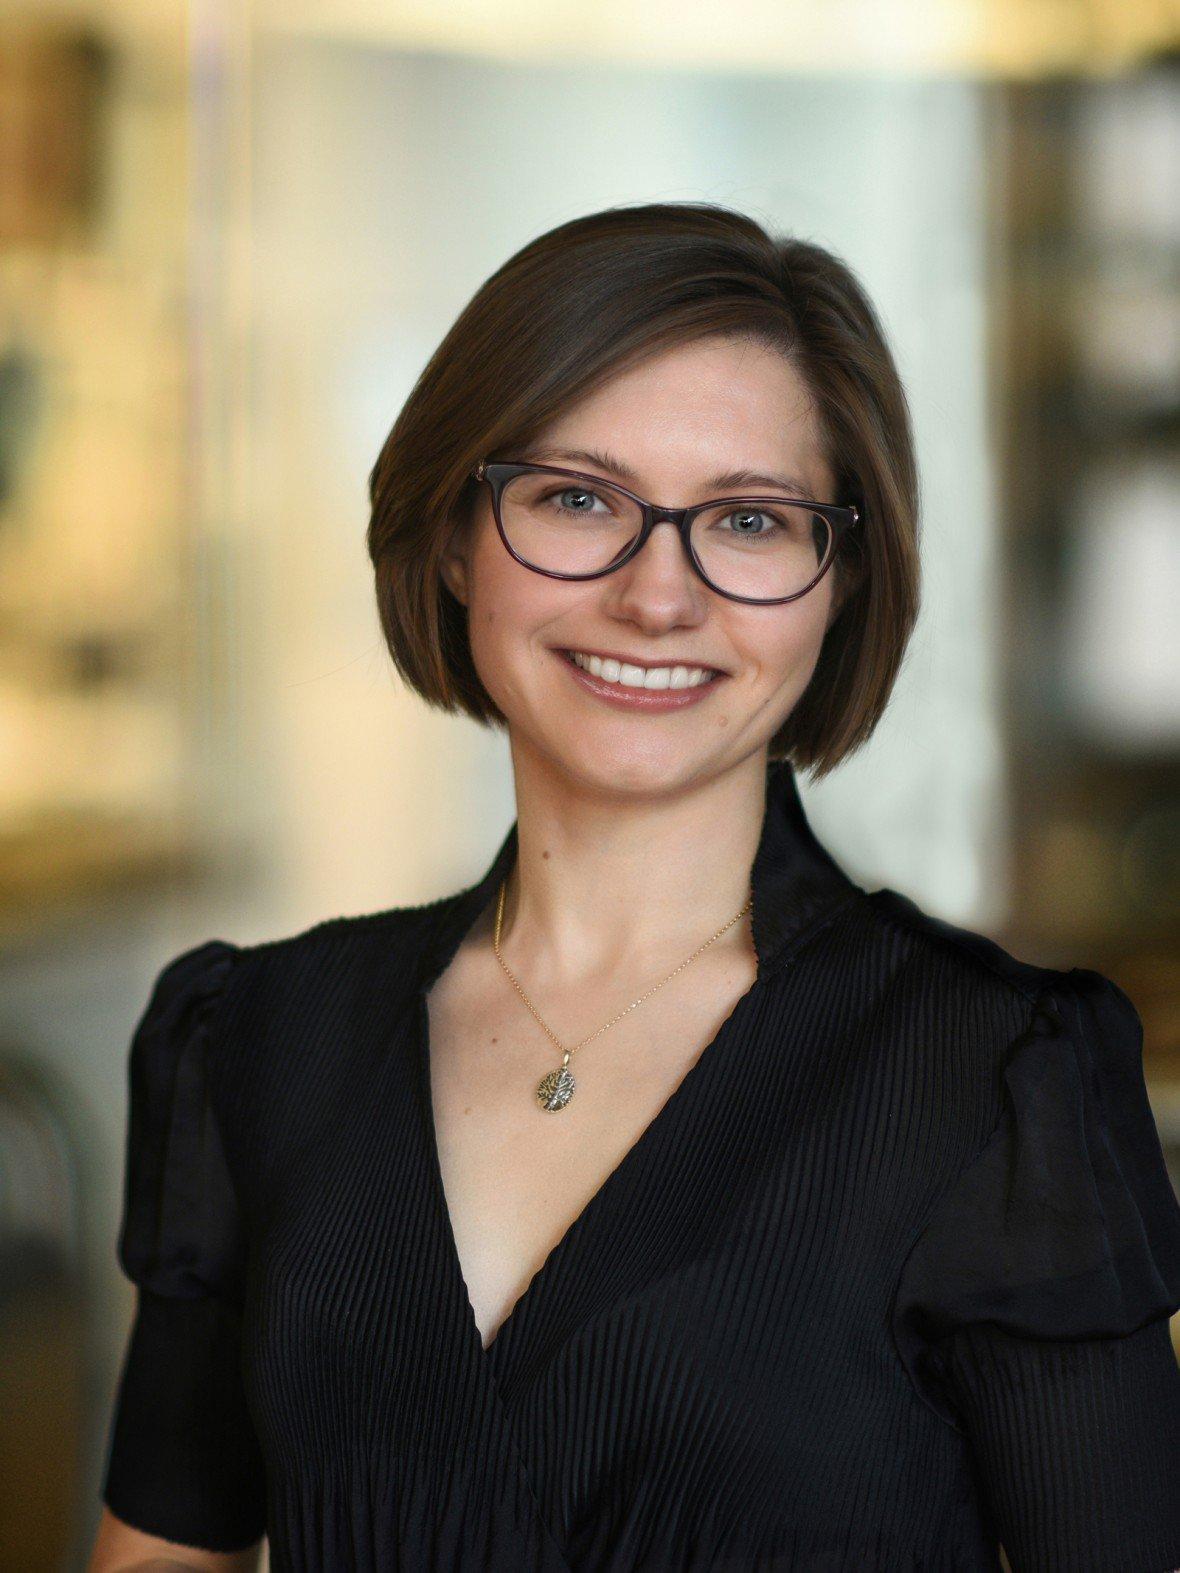 Photo of Olga Dudchenko